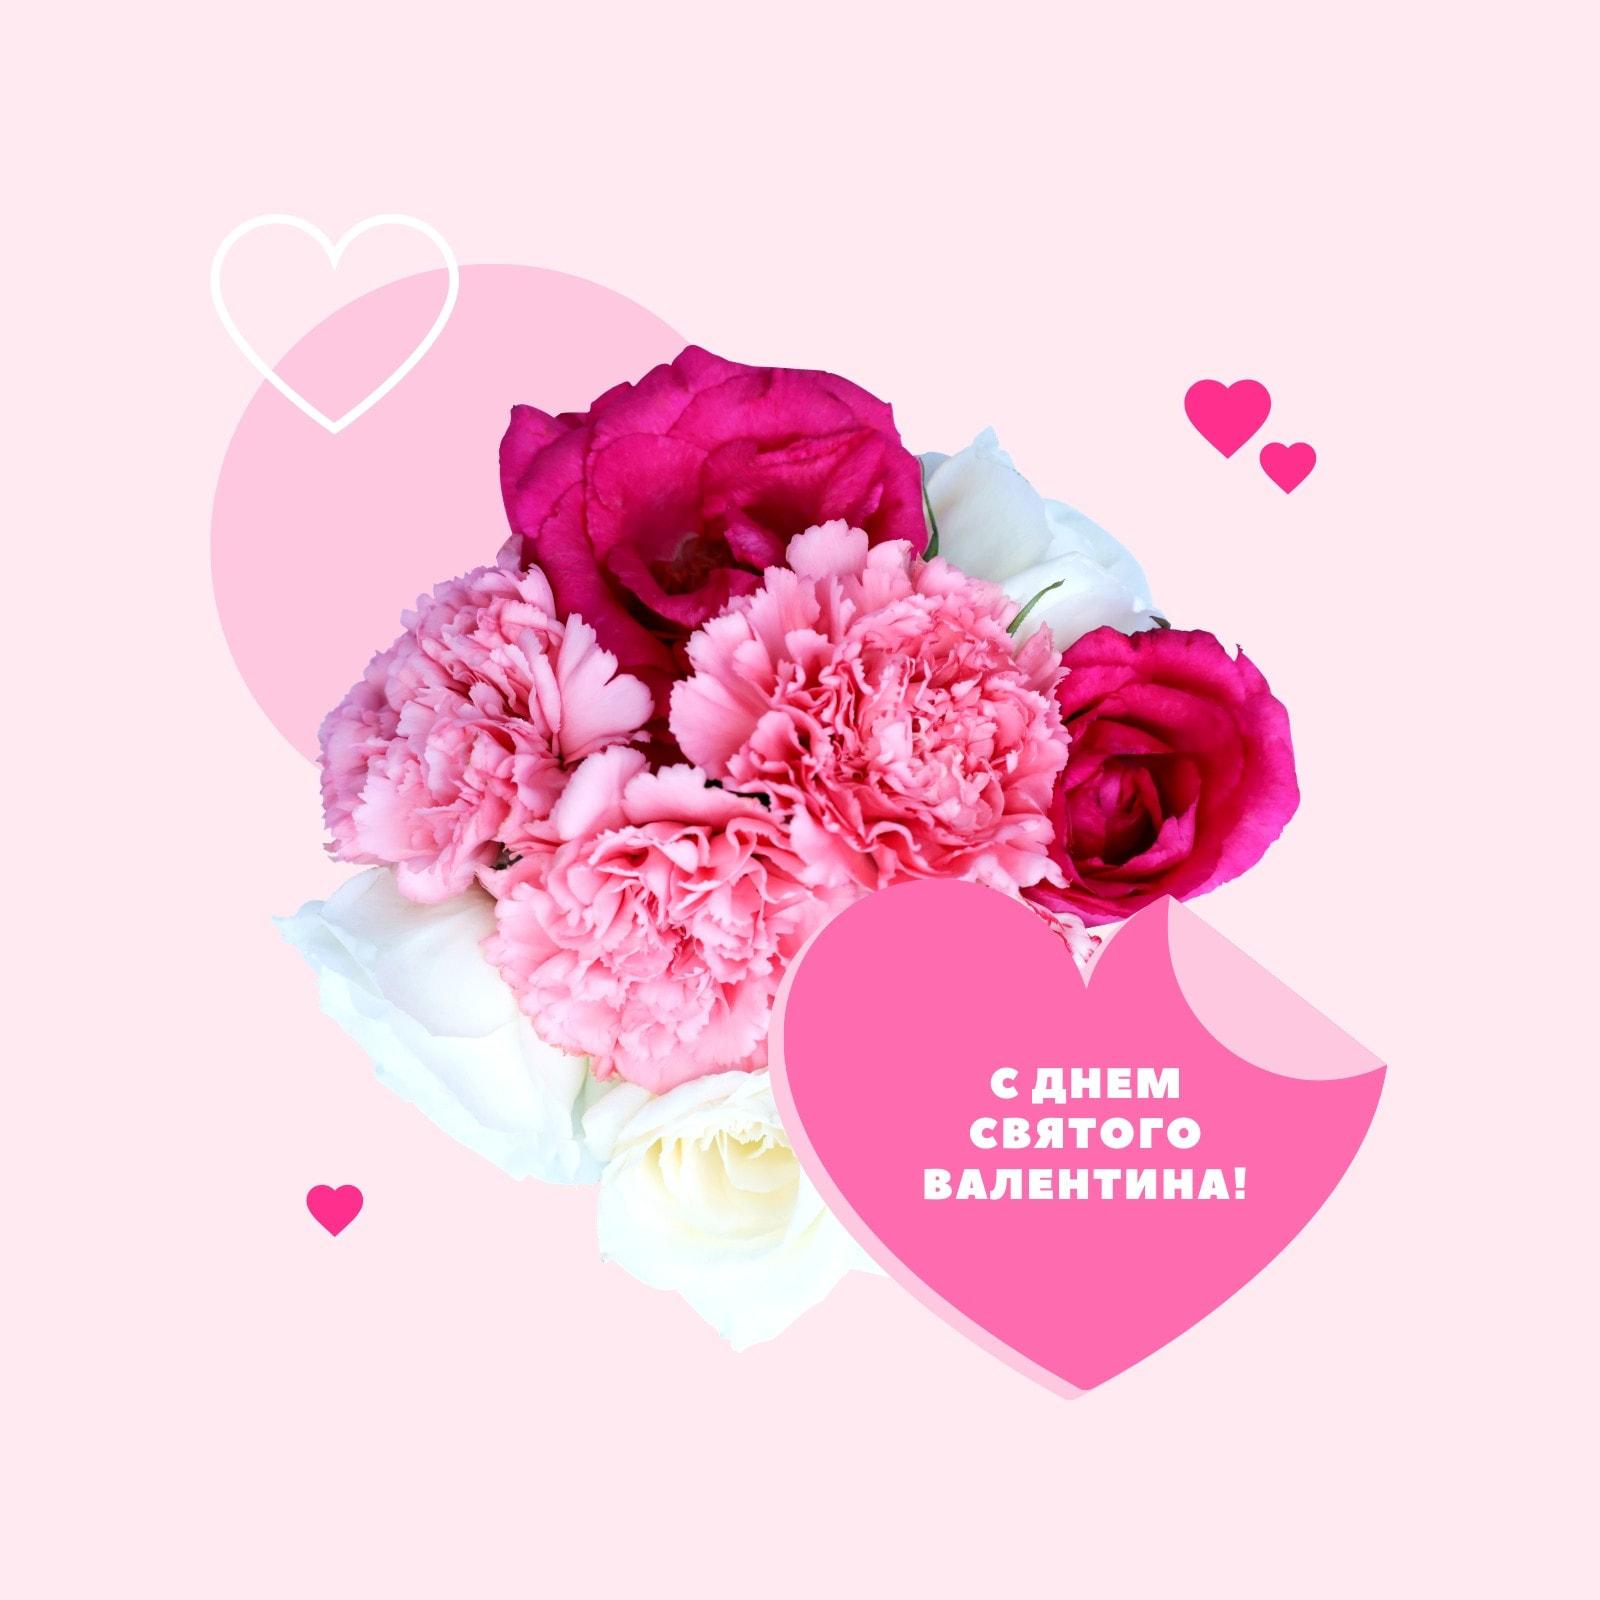 Розовый пост в Инстаграм с Днем святого Валентина с букетом роз в форме сердца